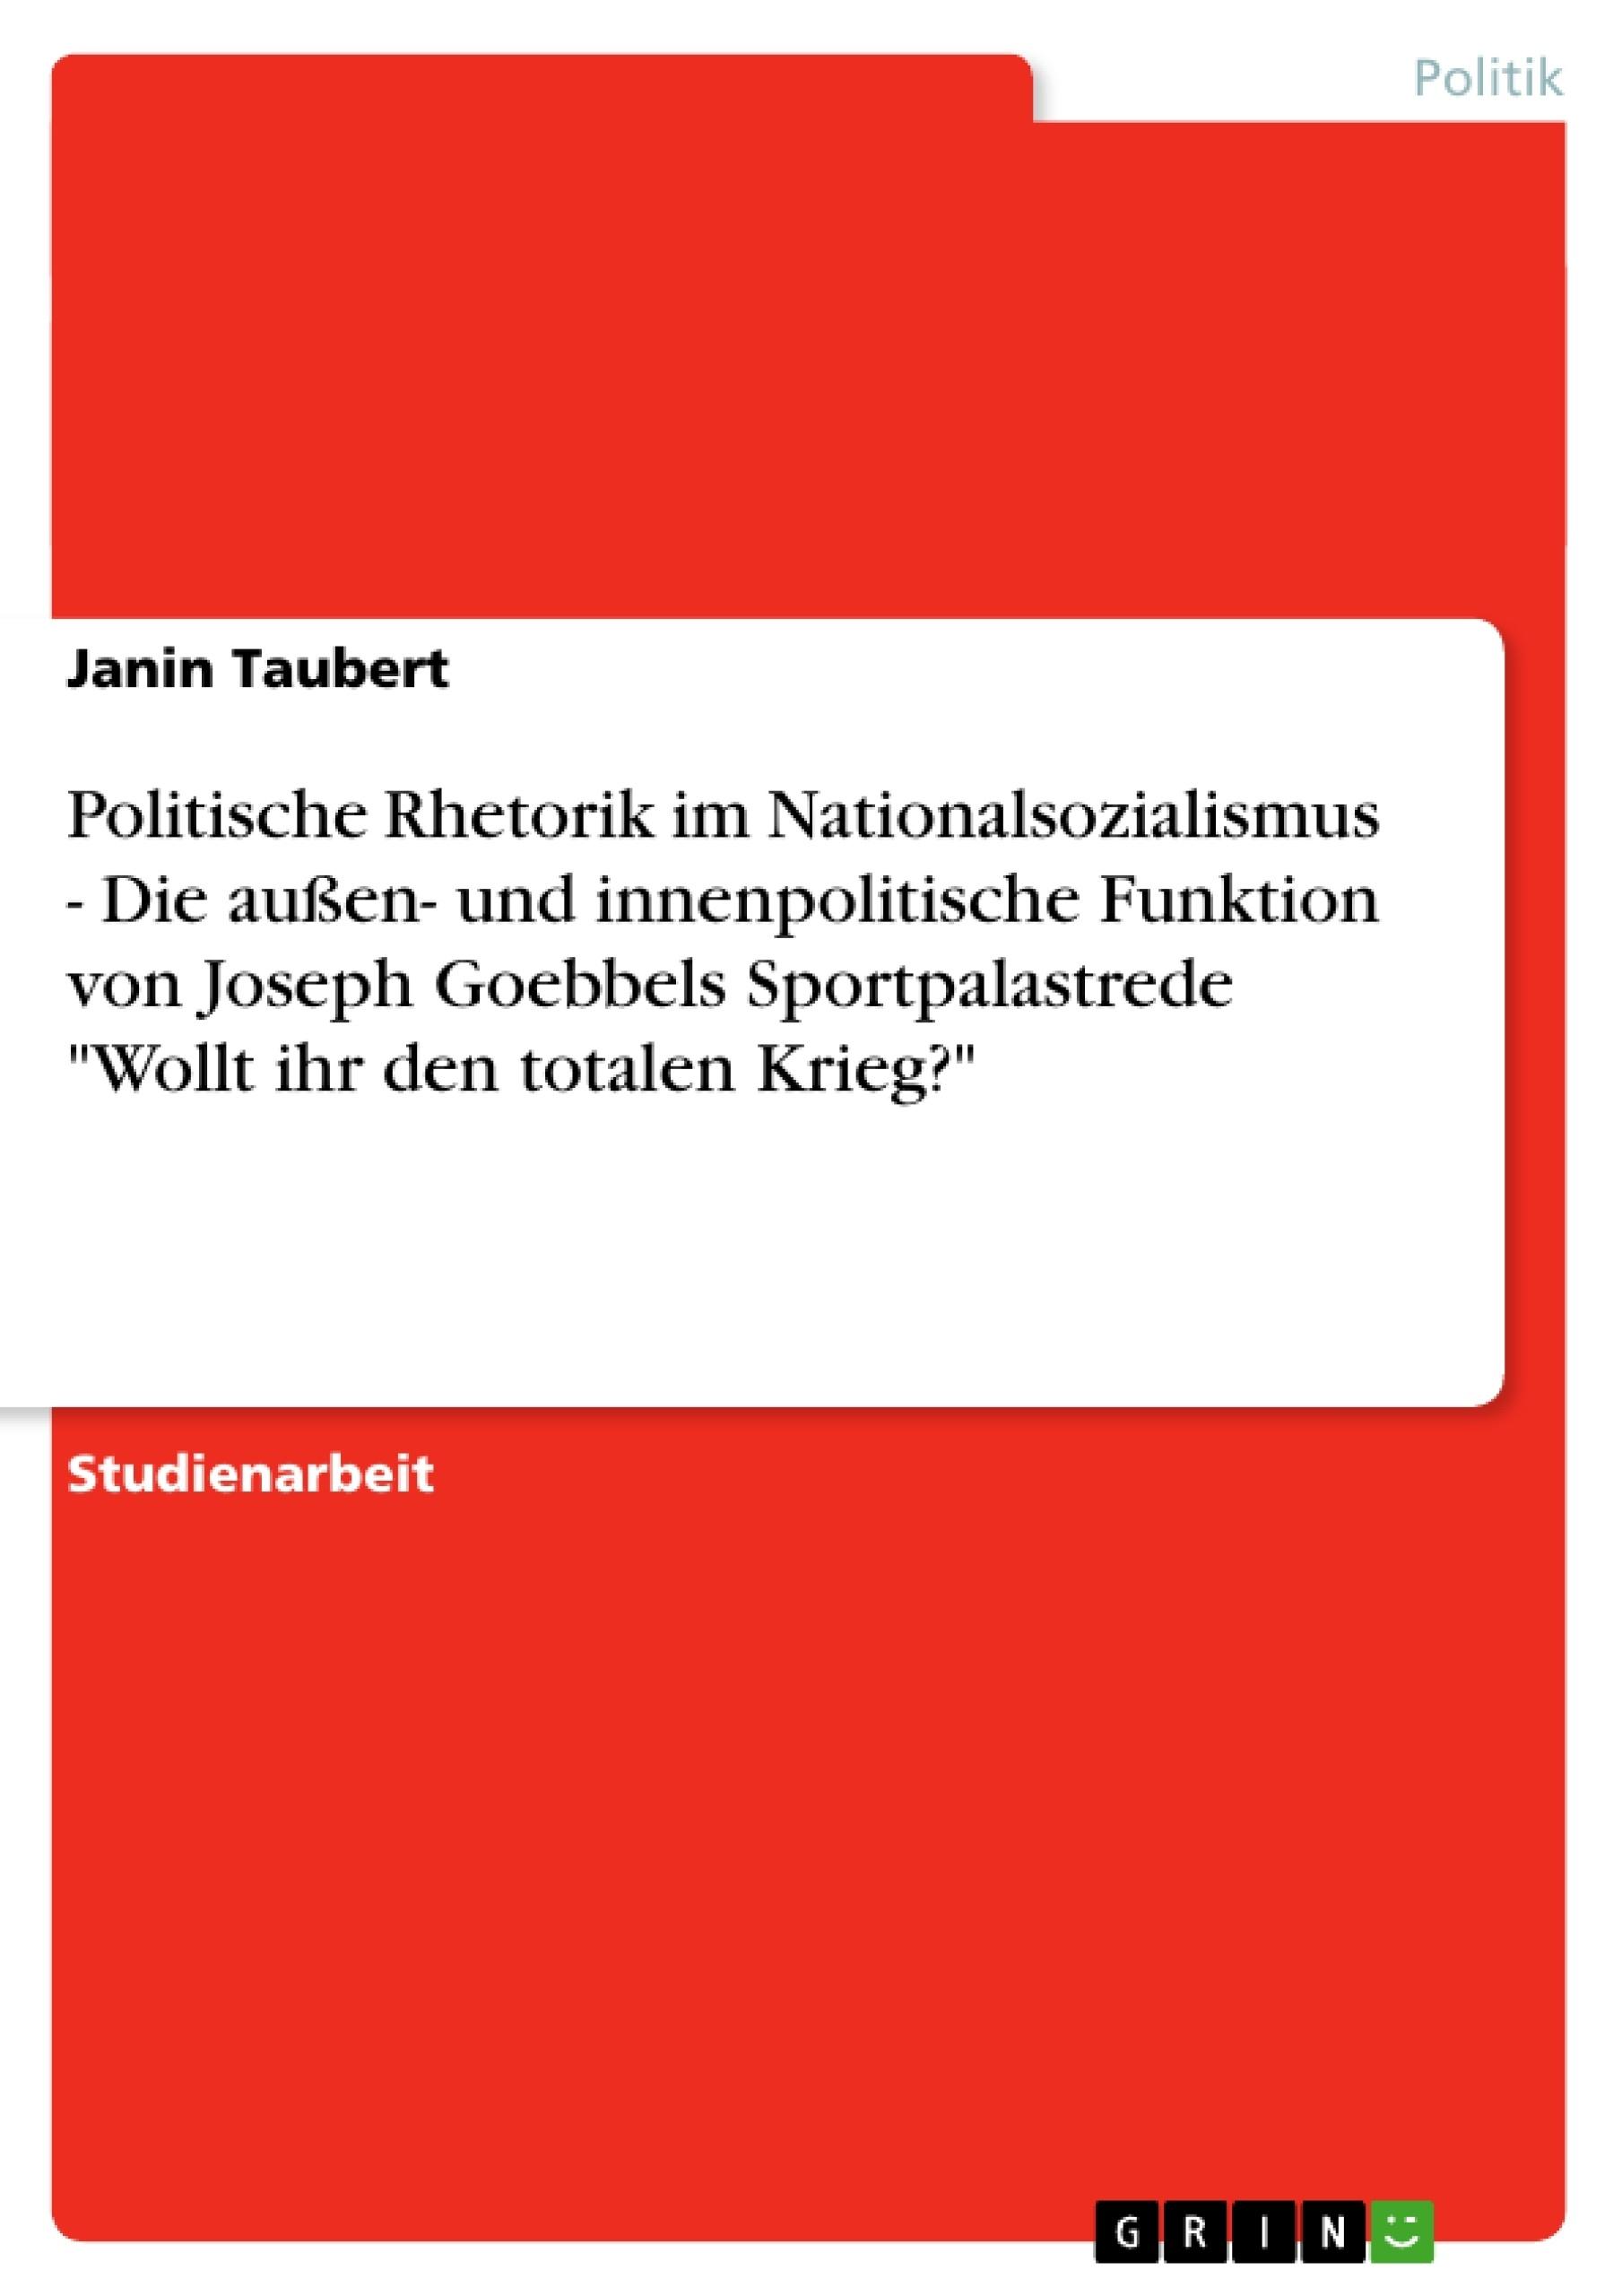 """Titel: Politische Rhetorik im Nationalsozialismus - Die außen- und innenpolitische Funktion von Joseph Goebbels Sportpalastrede """"Wollt ihr den totalen Krieg?"""""""